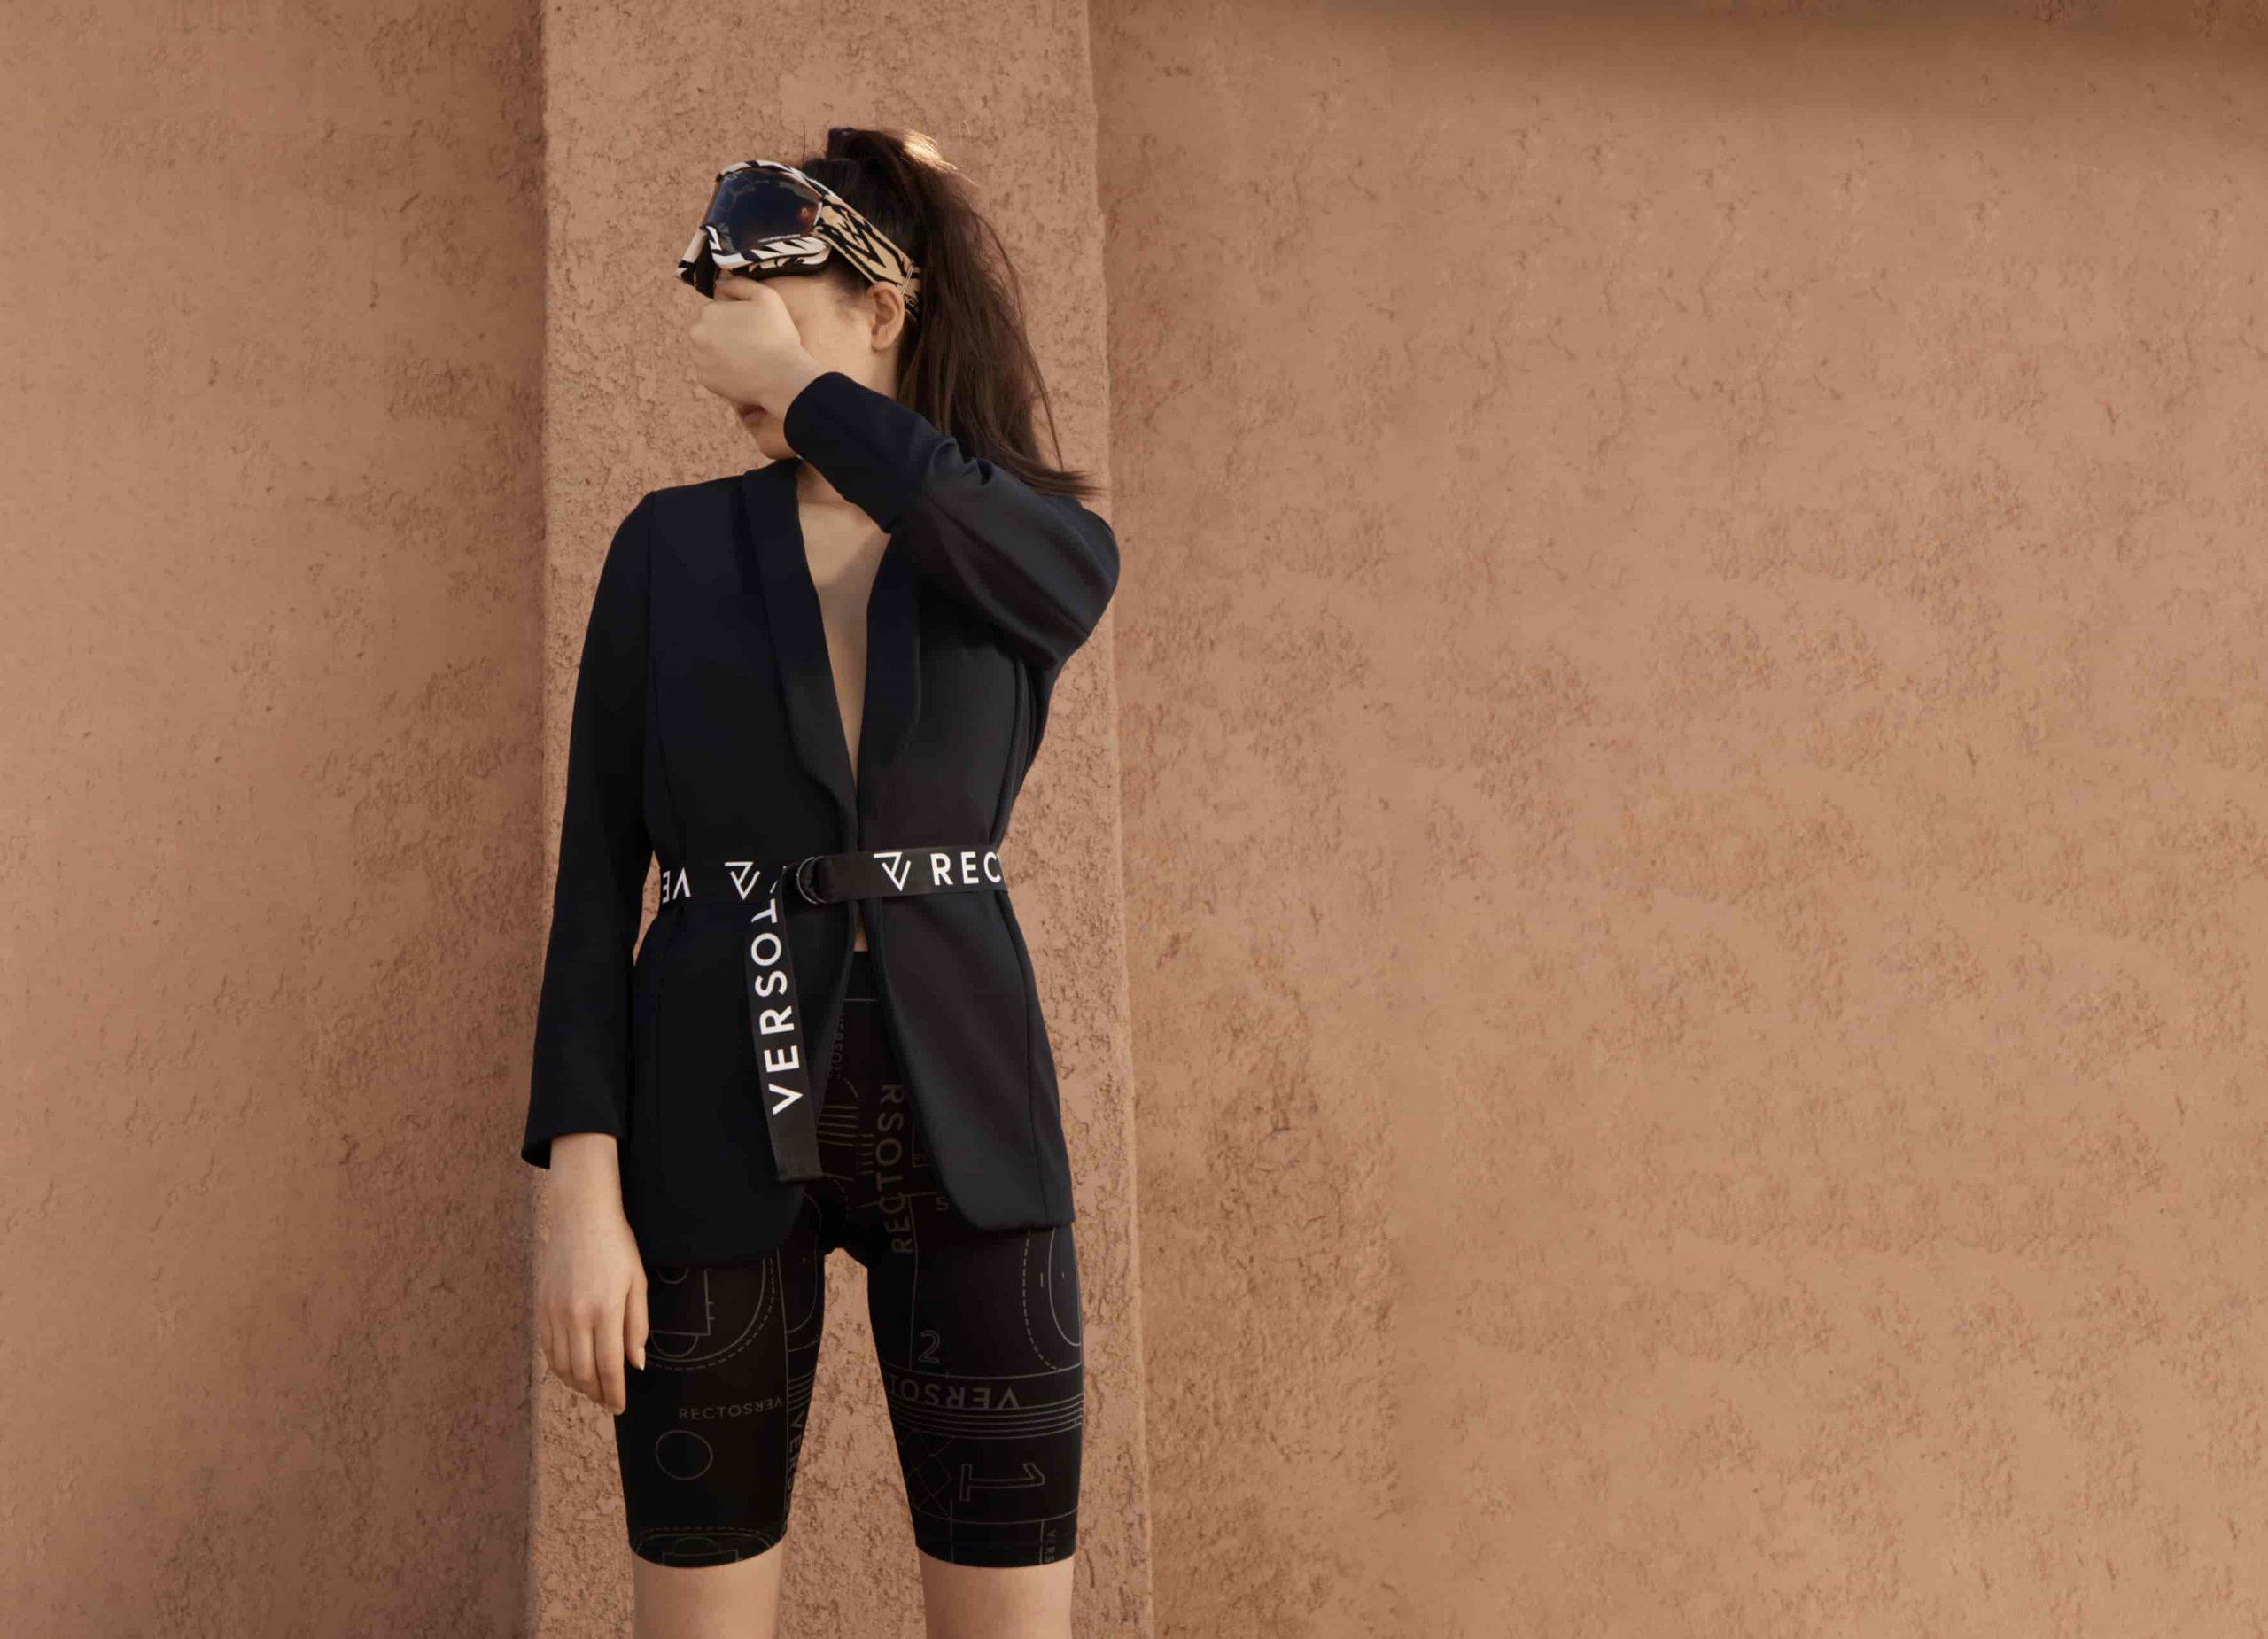 rv-c1-handeyes-black-blazer